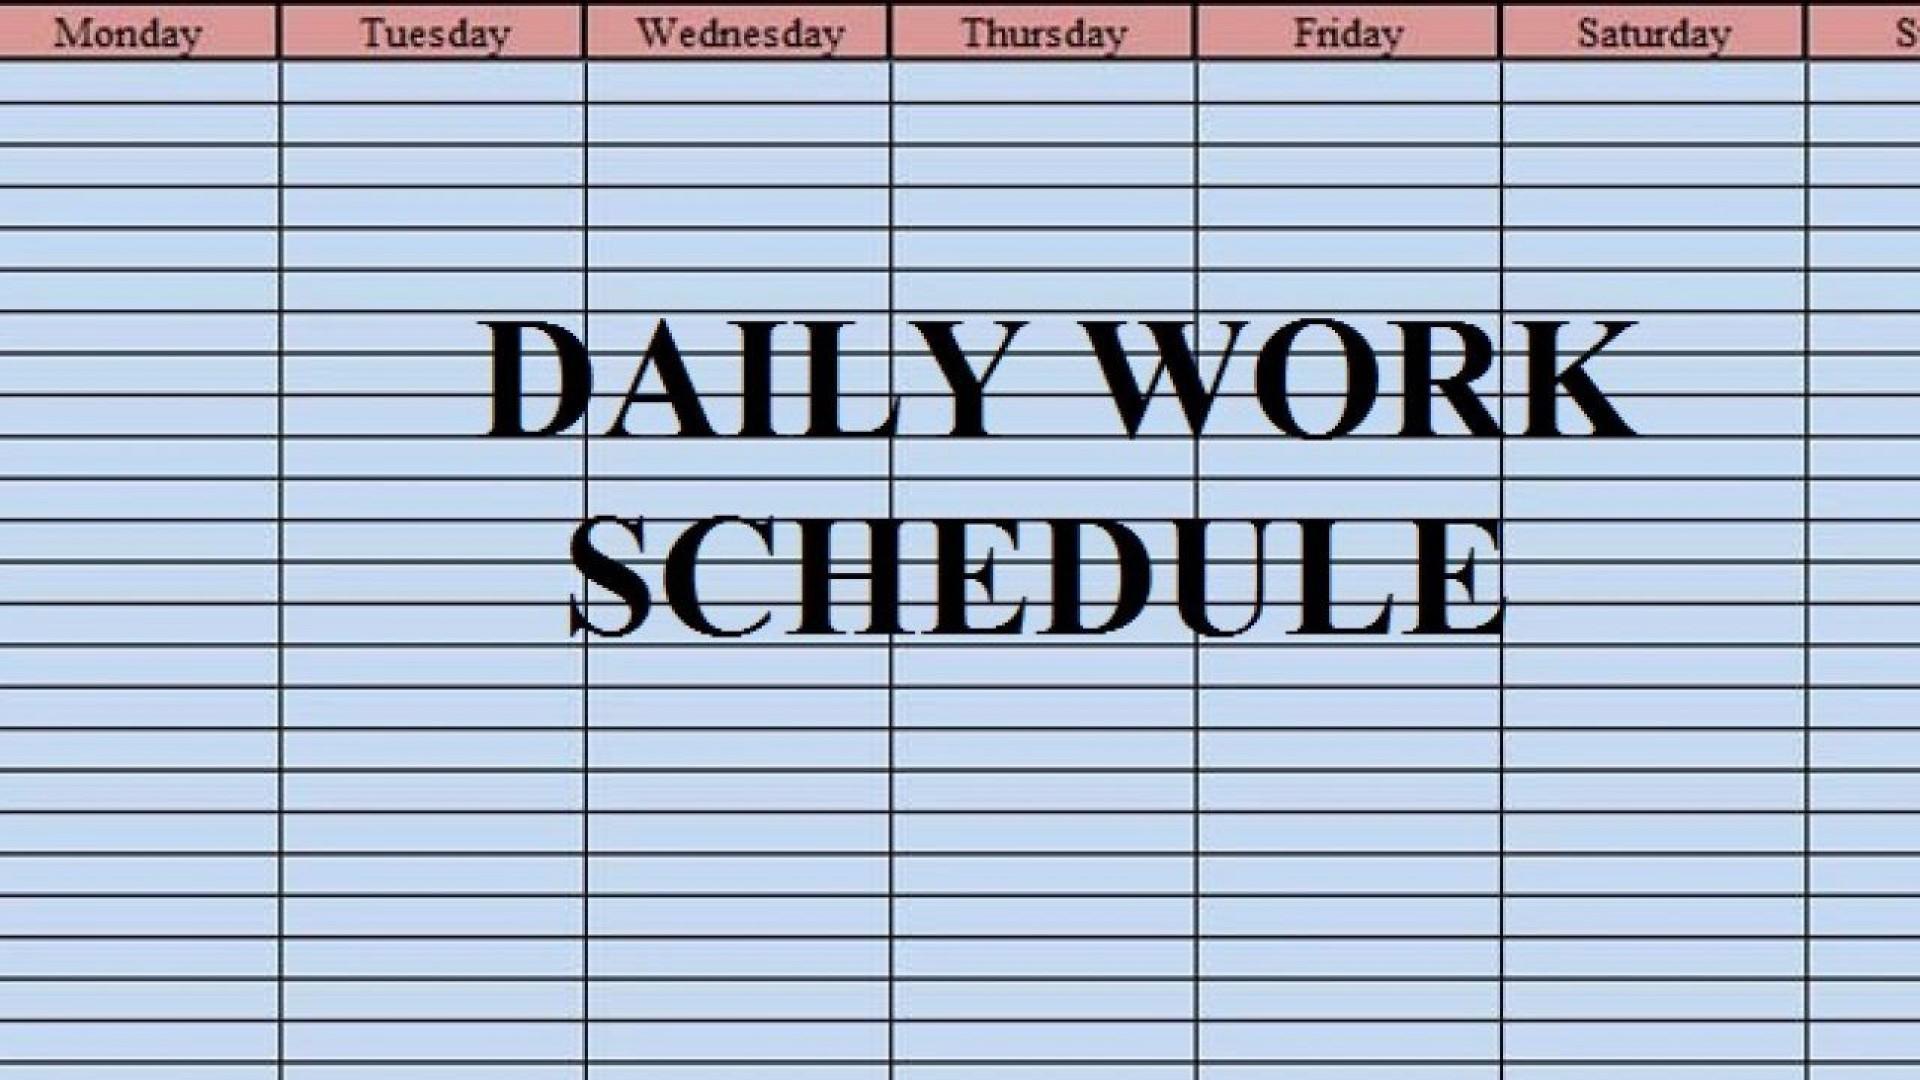 004 Wonderful Excel Work Planner Template High Def  Microsoft Monthly Schedule Plan Scheduling1920